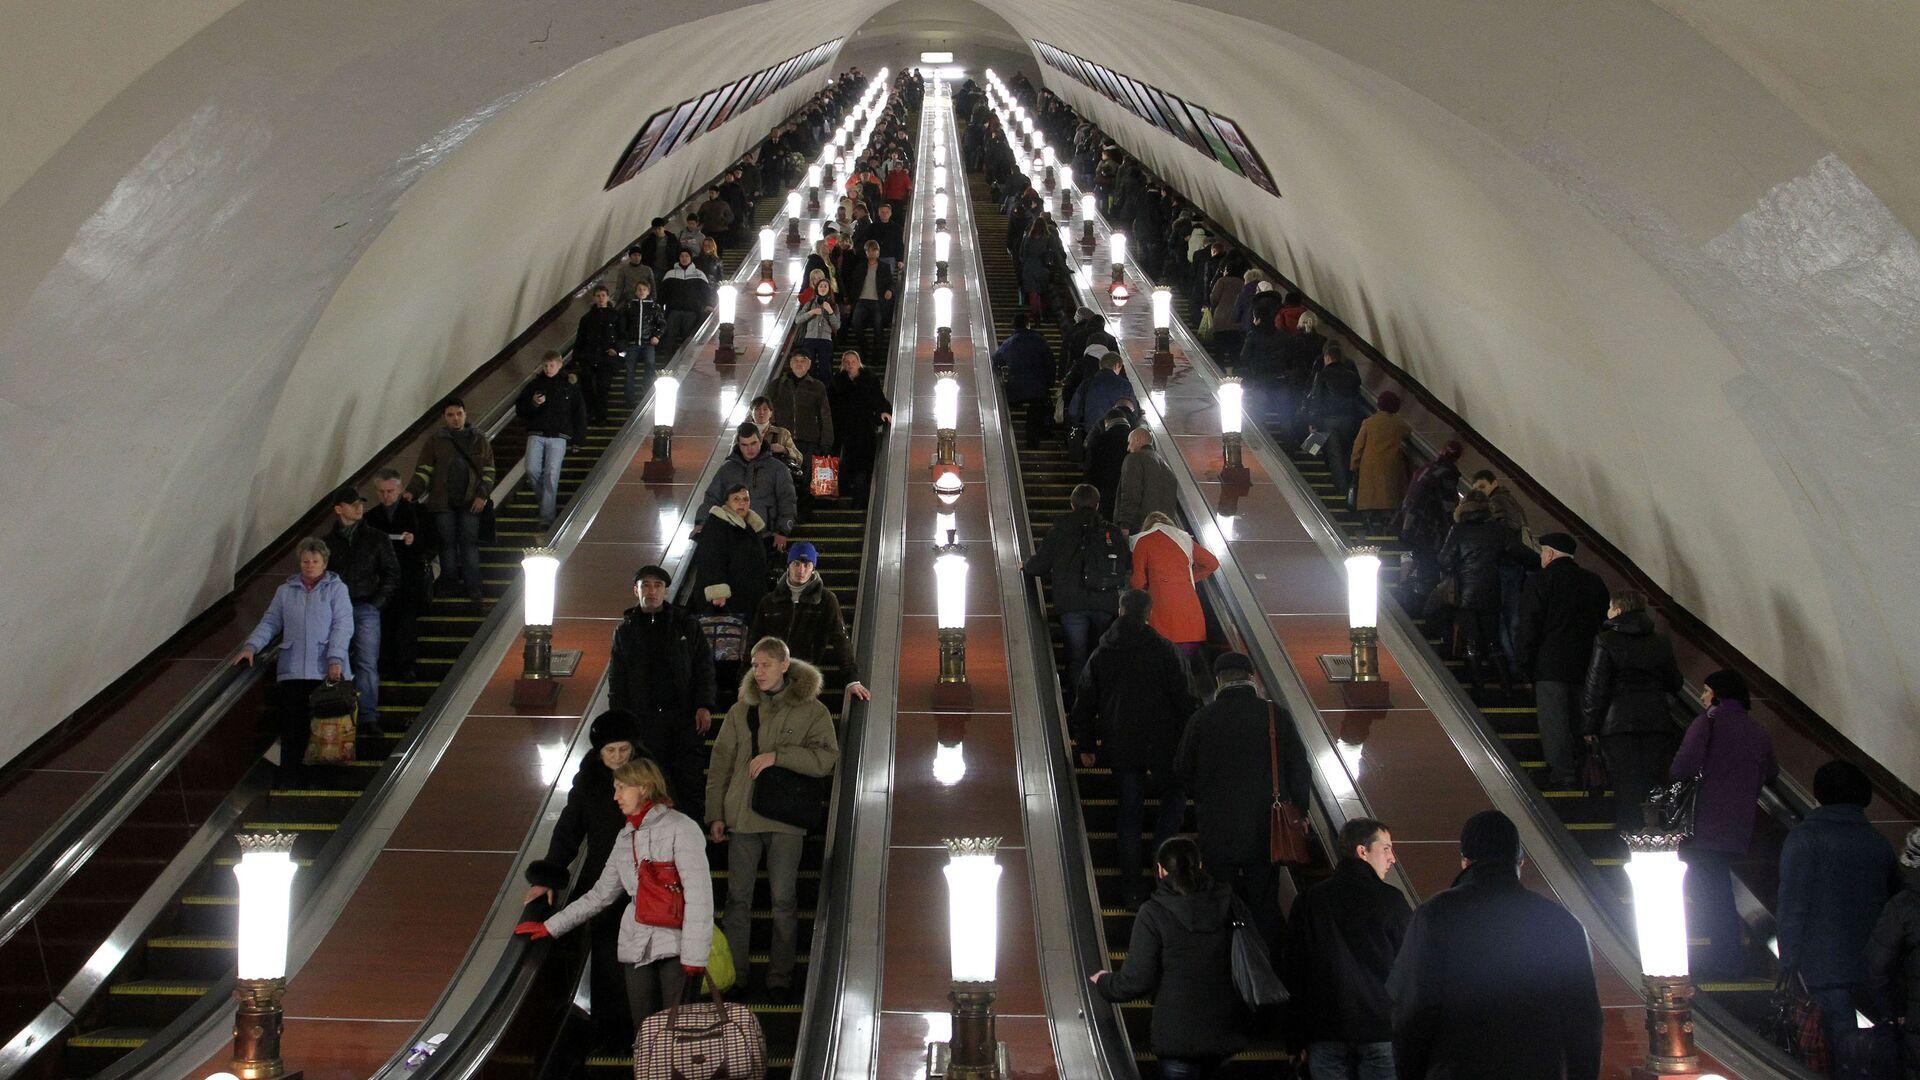 Scale mobili nella metro di Mosca. - Sputnik Italia, 1920, 23.05.2021